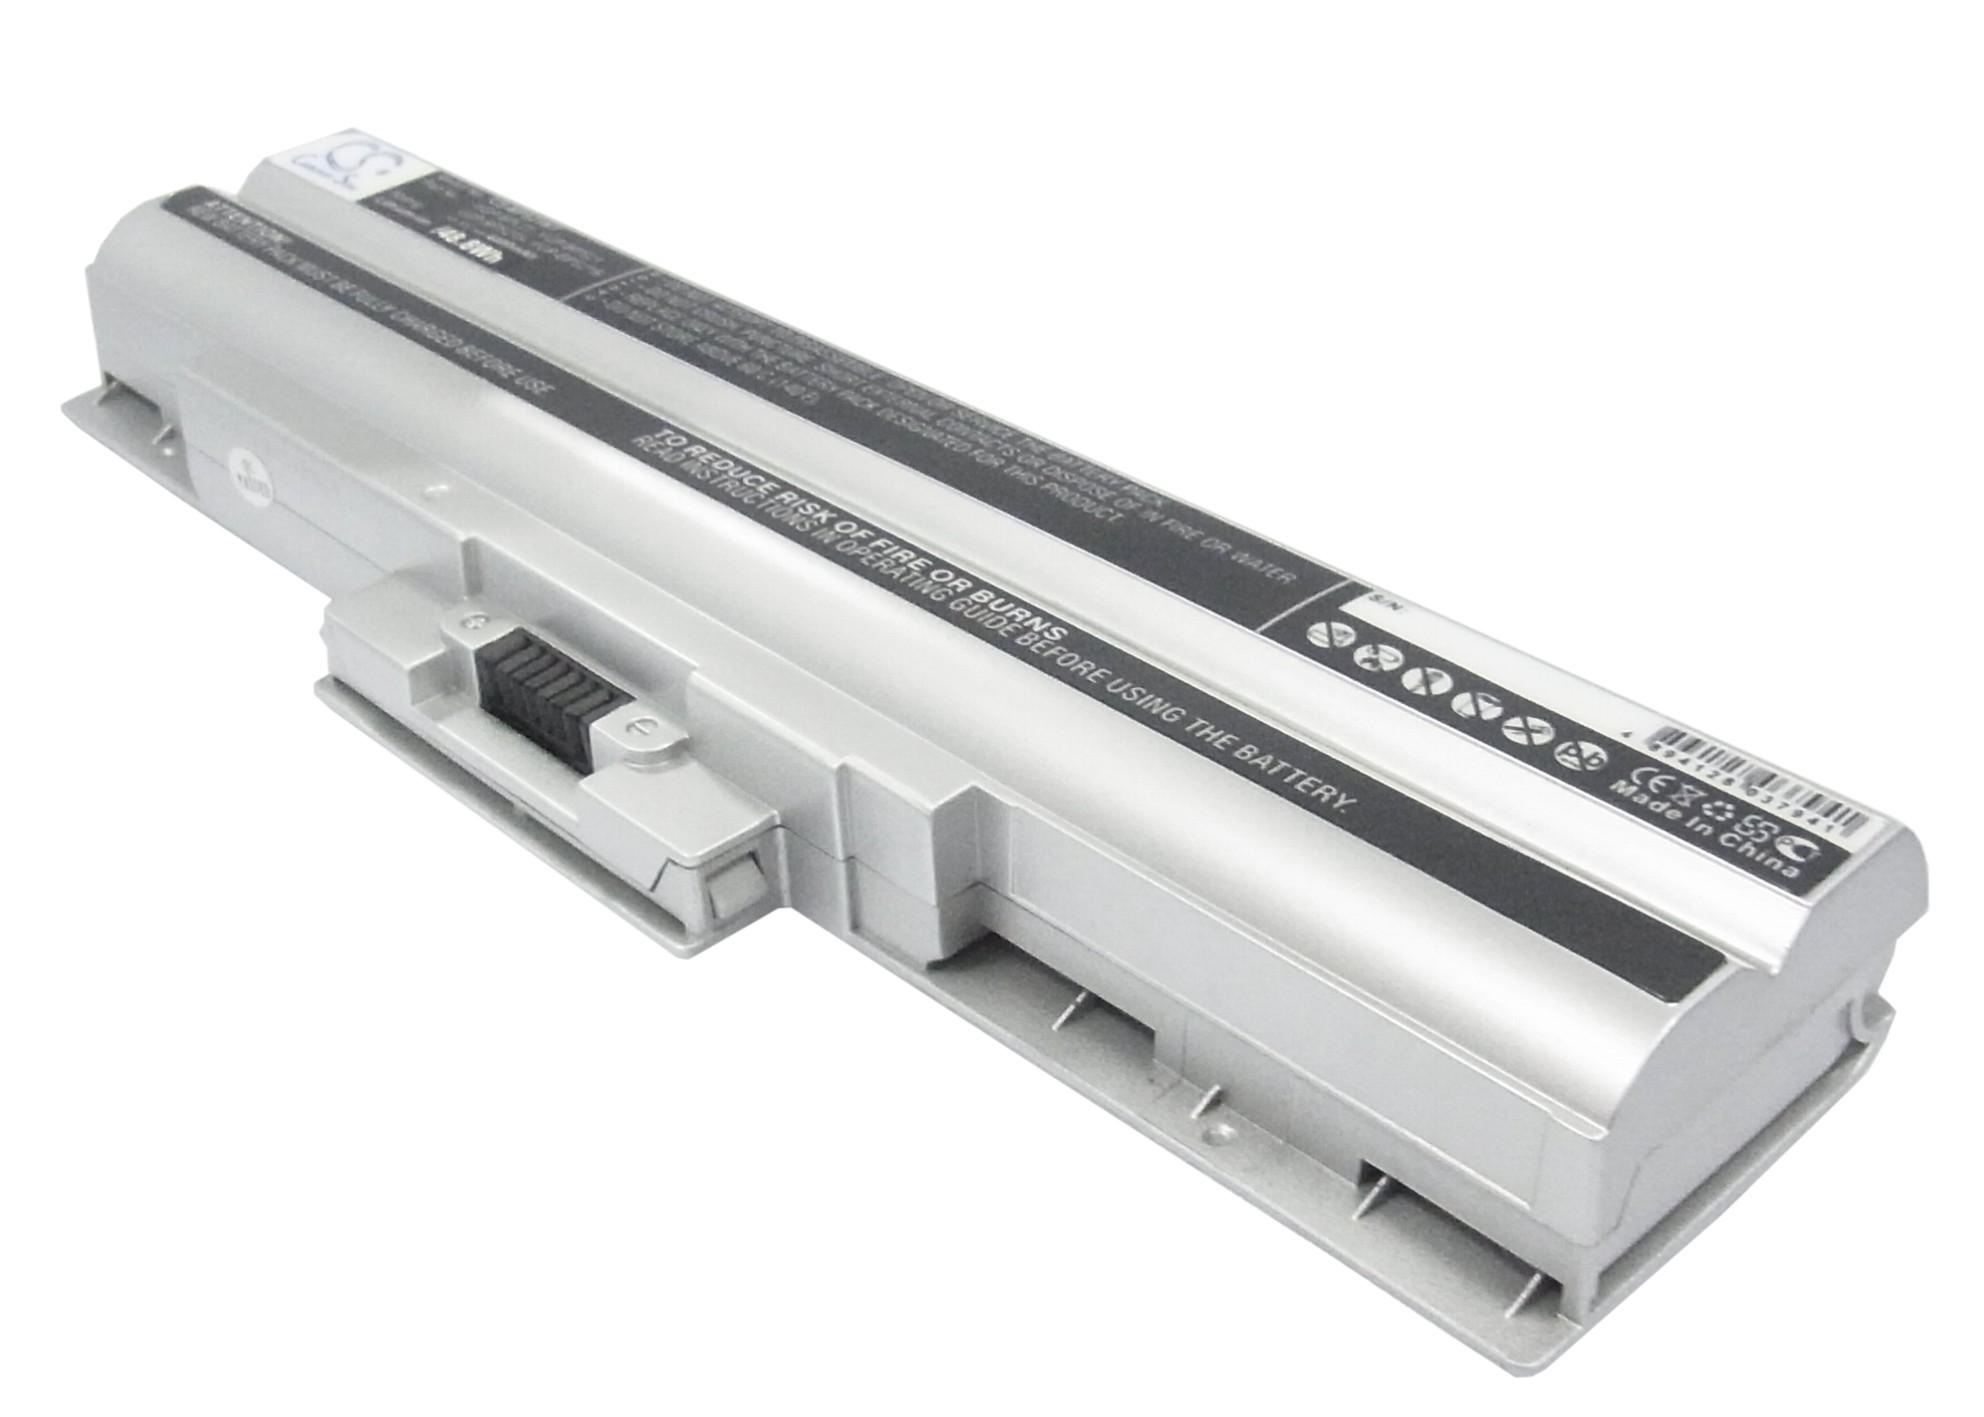 Cameron Sino baterie do notebooků pro SONY VAIO VGN-BZ21VN 11.1V Li-ion 4400mAh stříbrná - neoriginální